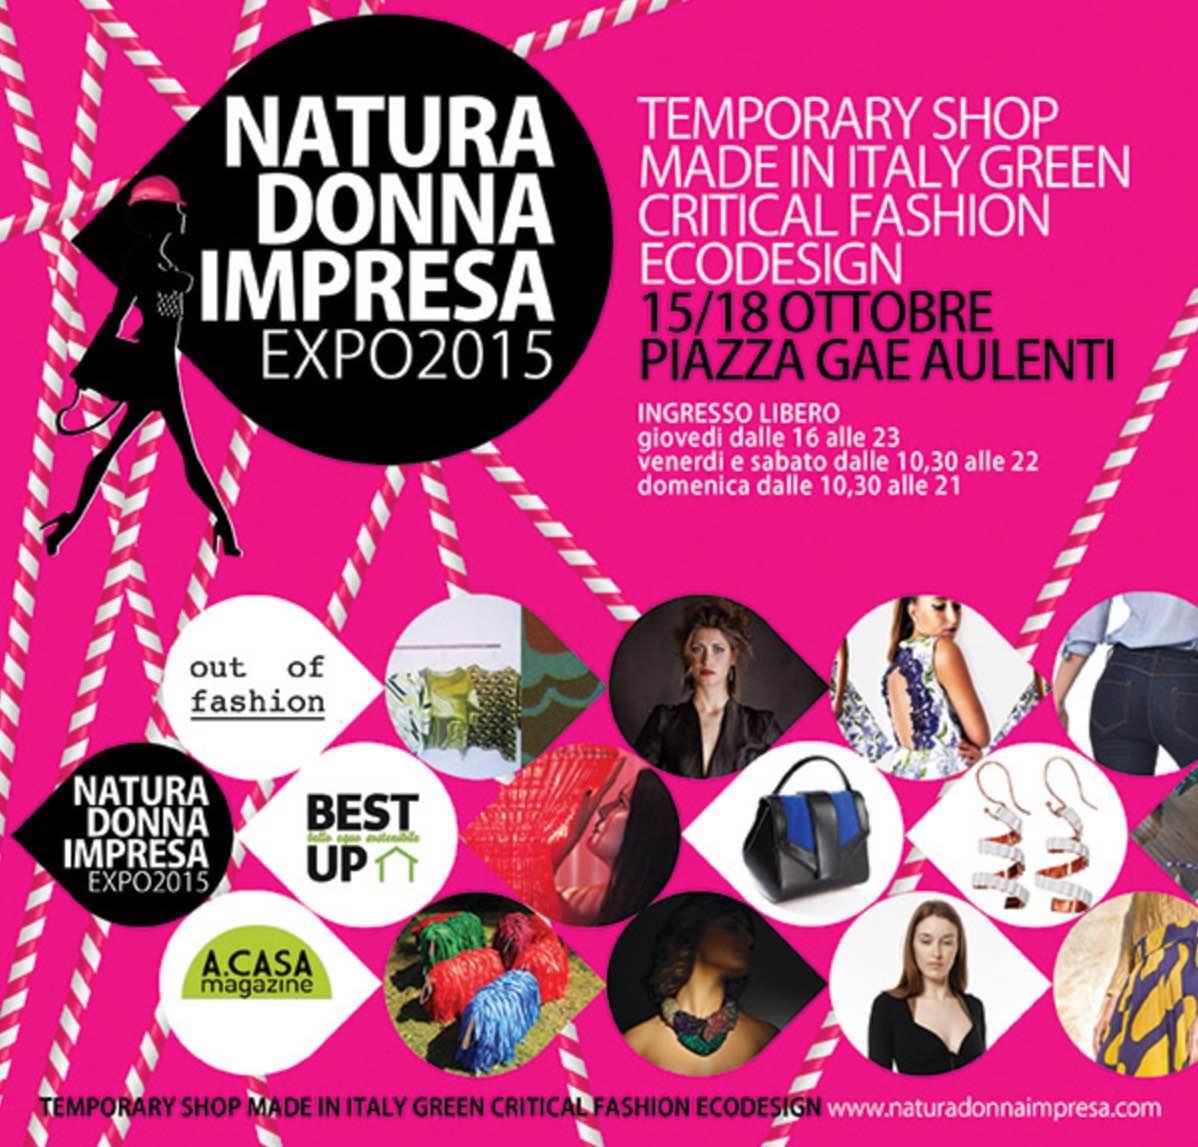 Natura Donna Impresa Expo 2015 | Piazza Gae Aulenti, Milano | 15/18 Ottobre 2015